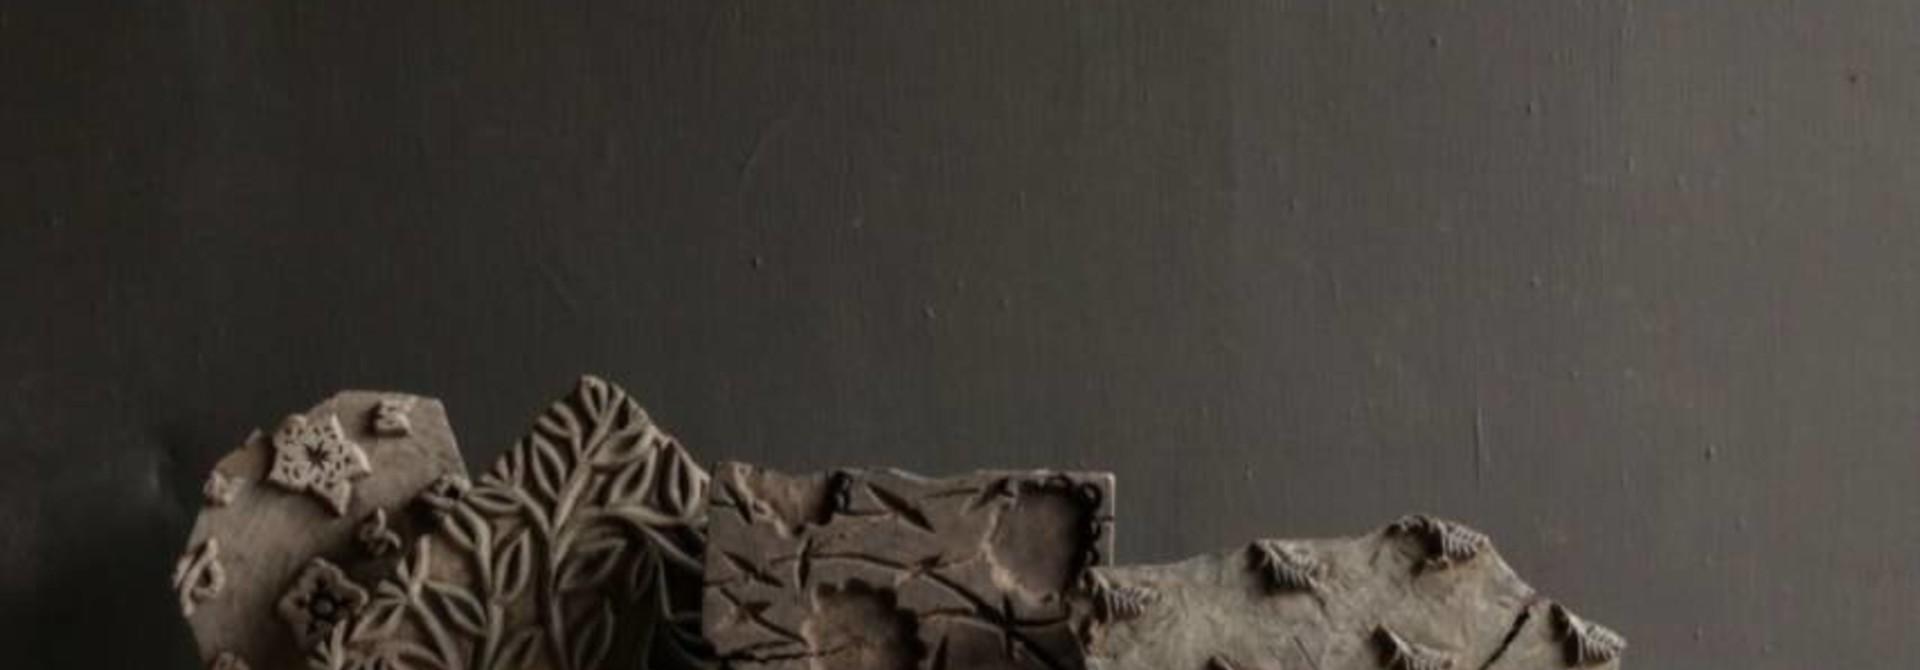 Hölzerner Batikstempel auf einem Eisenfuß